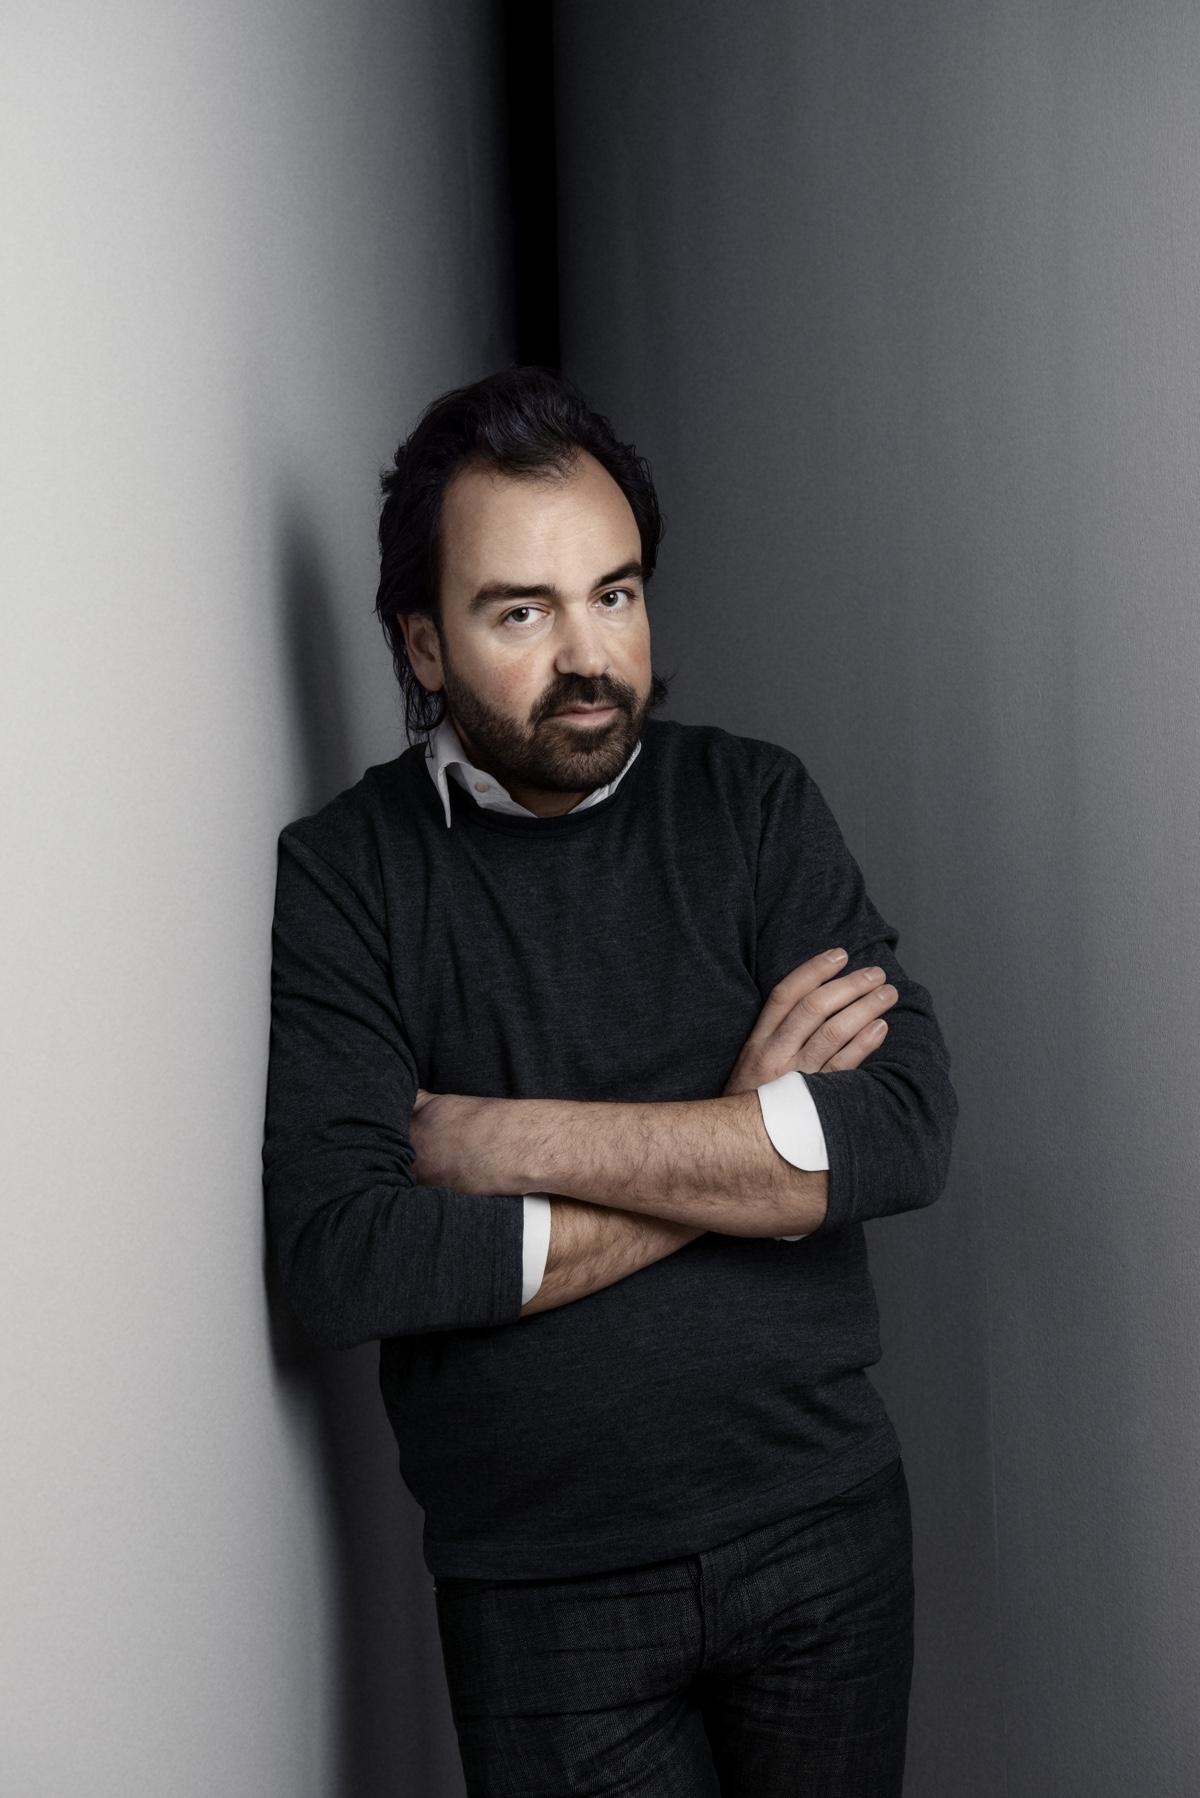 Iwan Baan, Photo by Jonas Eriksson